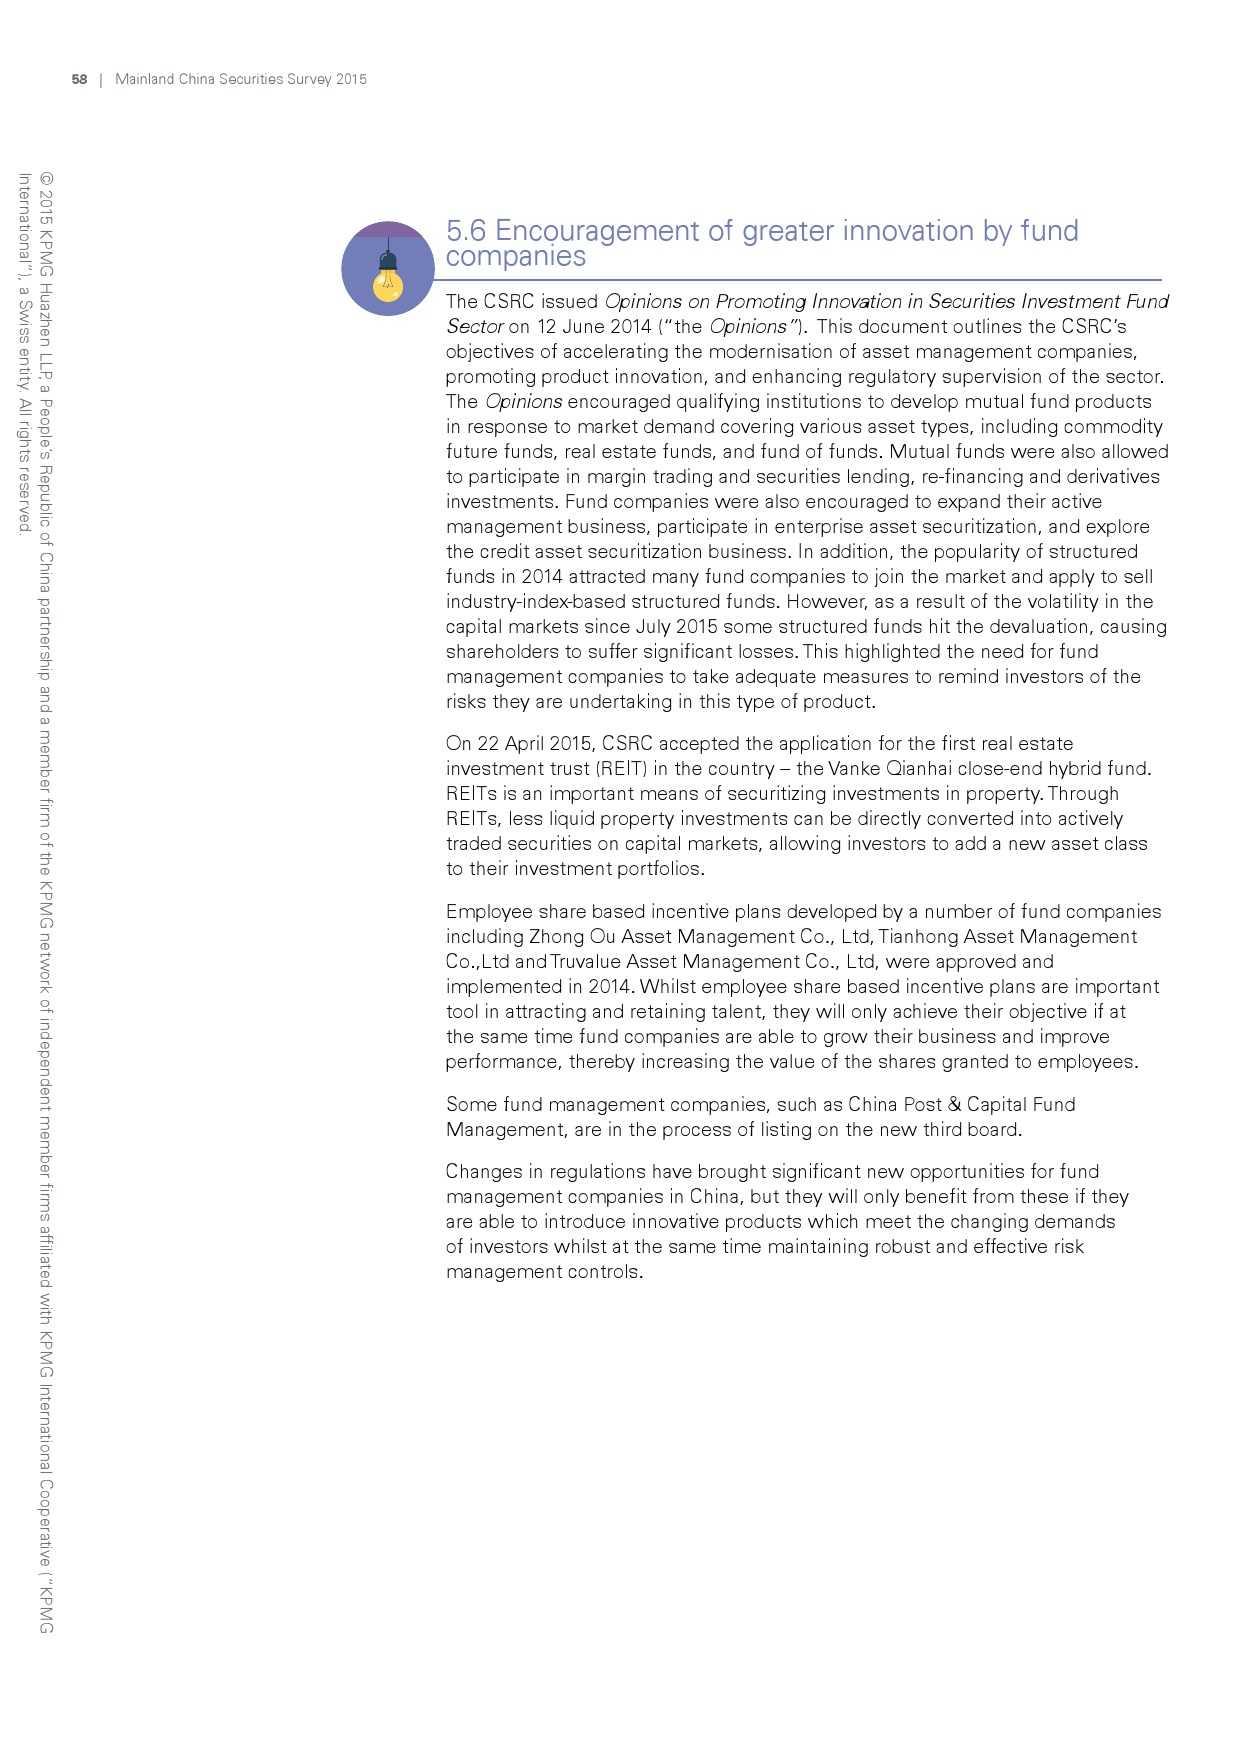 毕马威:2015年中国证券业调查报告_000060